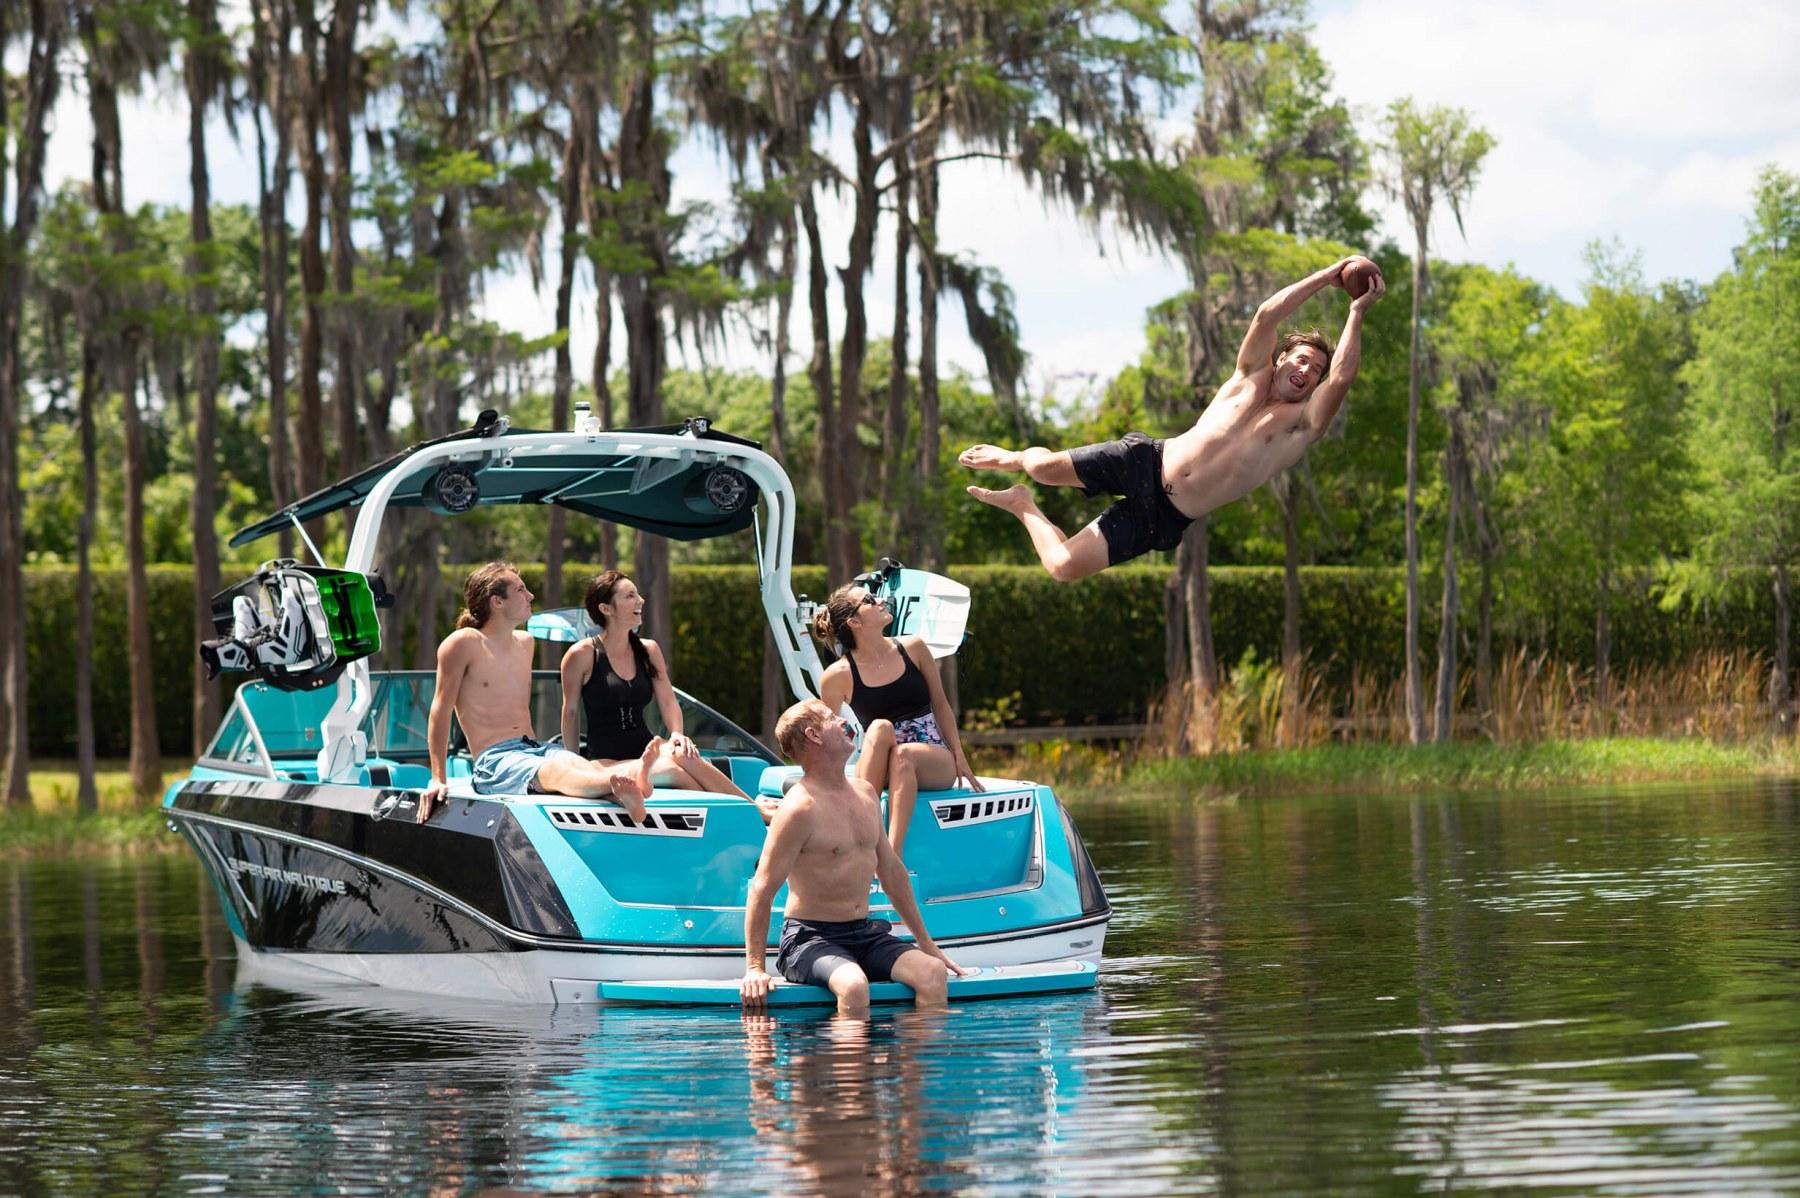 Nautique Lifestyle on the 2021 Nautique 230 Wake Boat